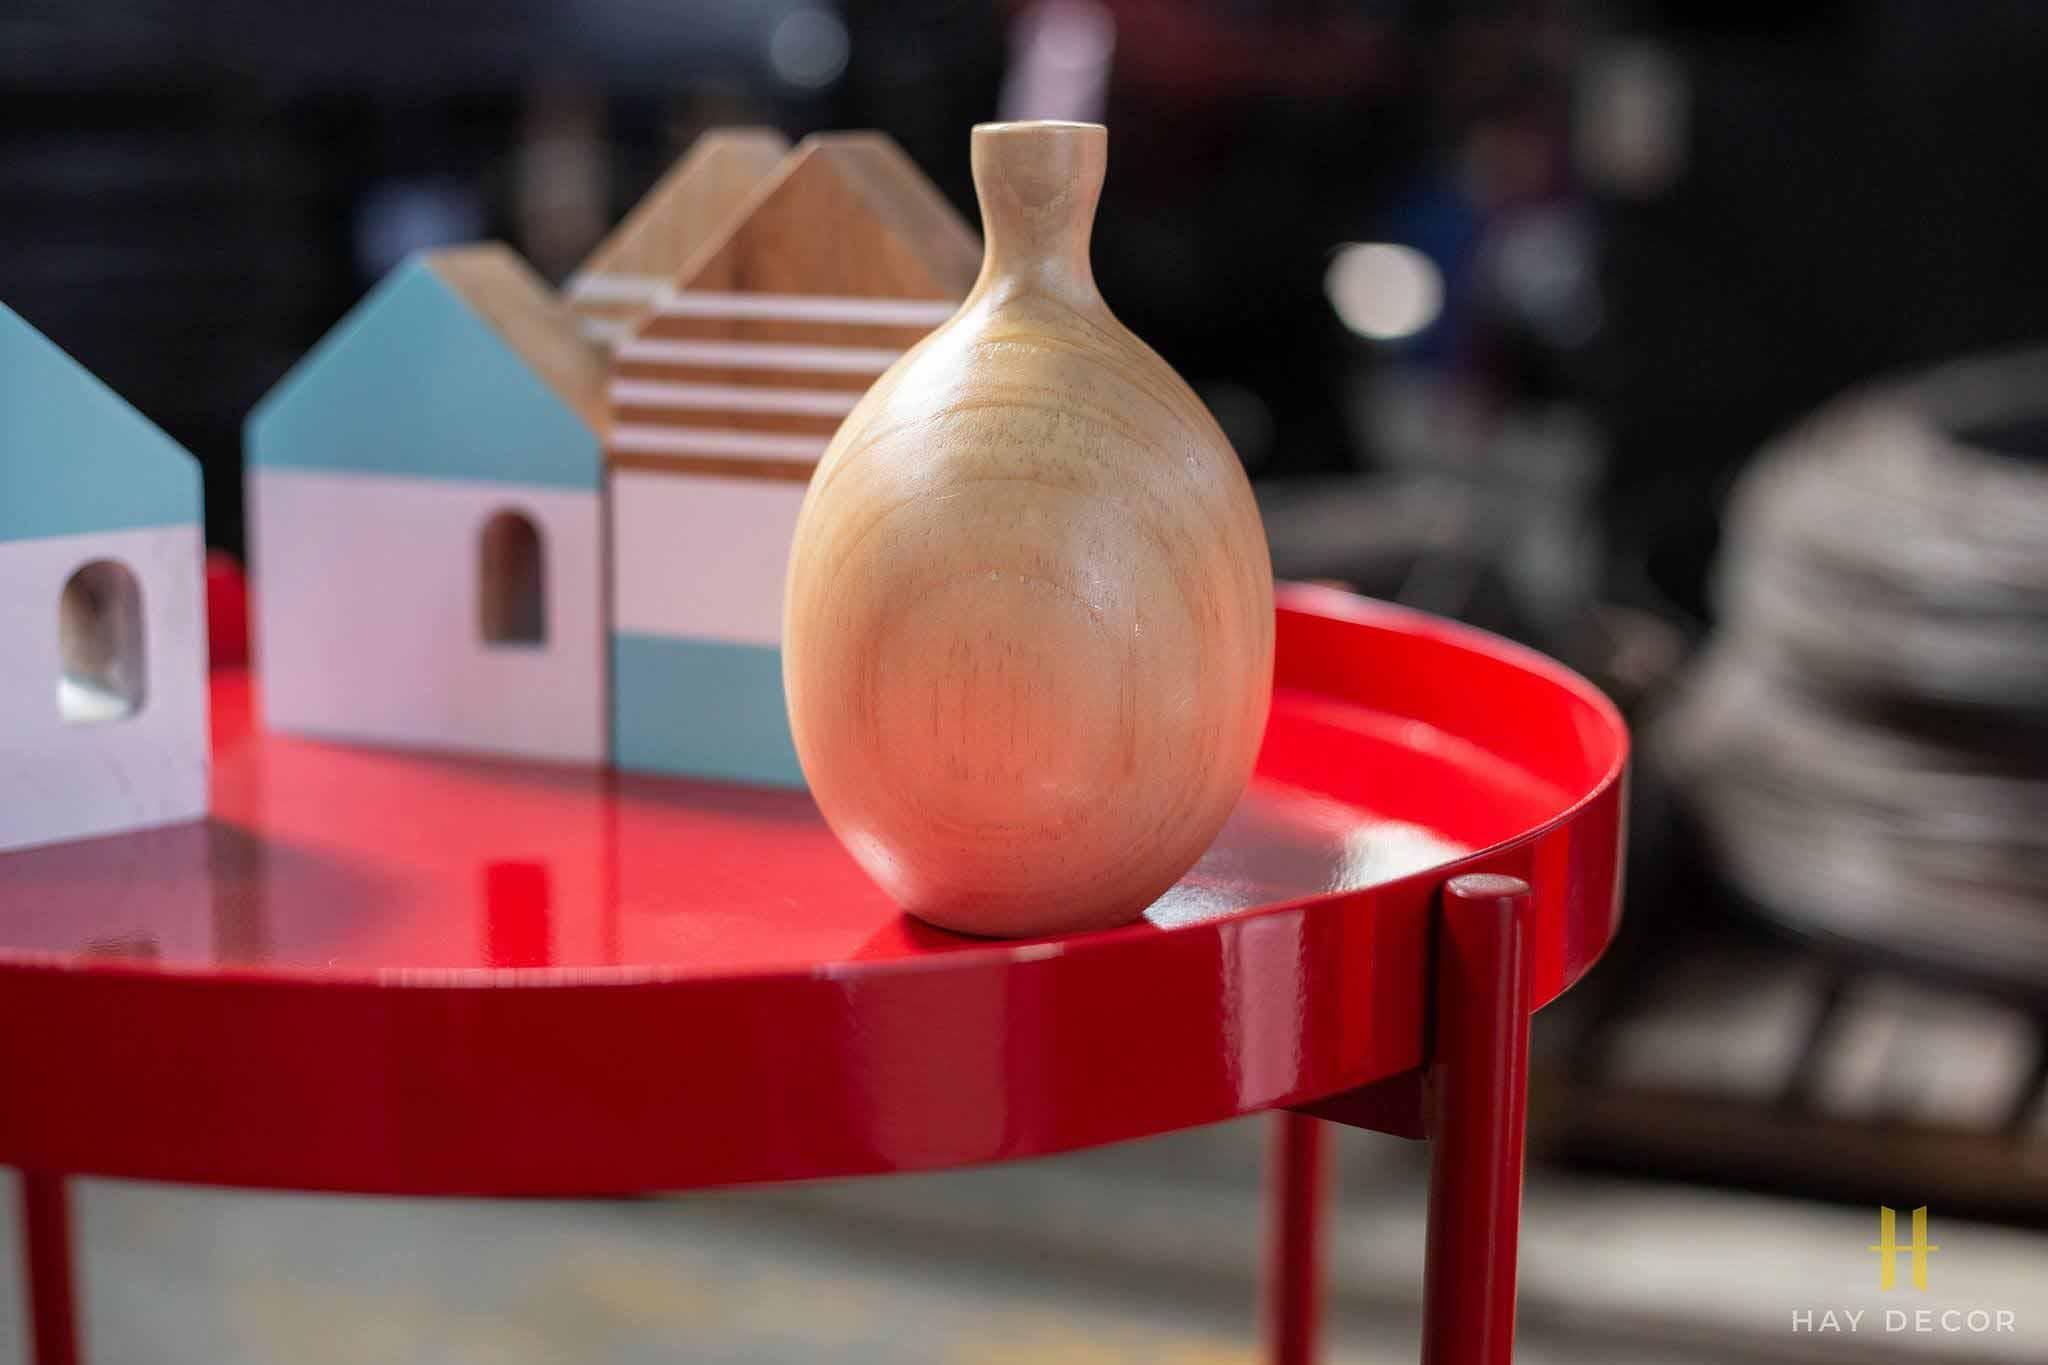 Mặt bàn CANNES Red tròn tạo cạnh tinh tế, giữ được đồ vật và tránh tràn nước khi dùng làm bàn cafe.